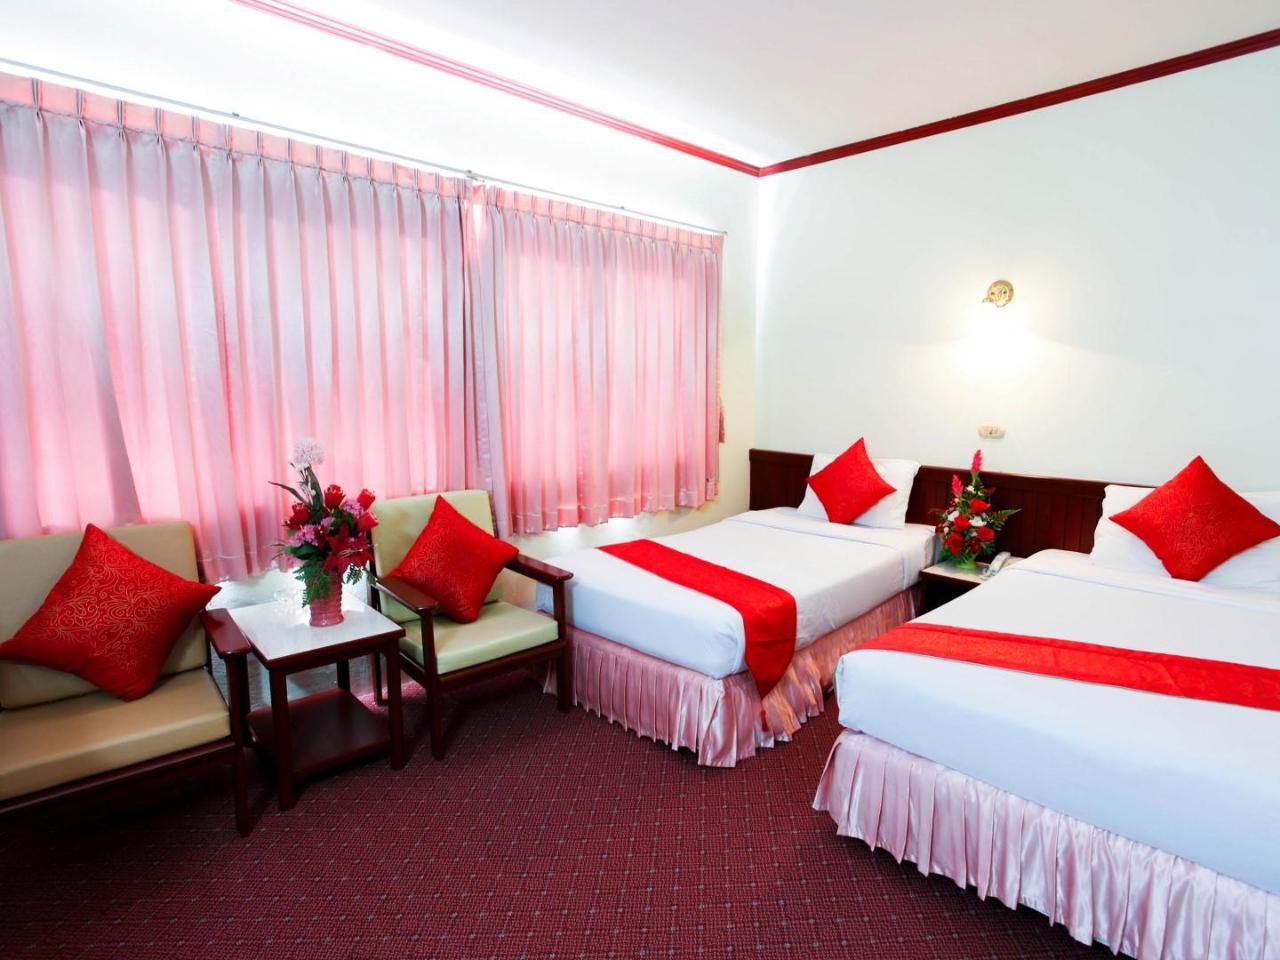 โรงแรมชุมพร พาเลซ (Chumphon Palace Hotel)